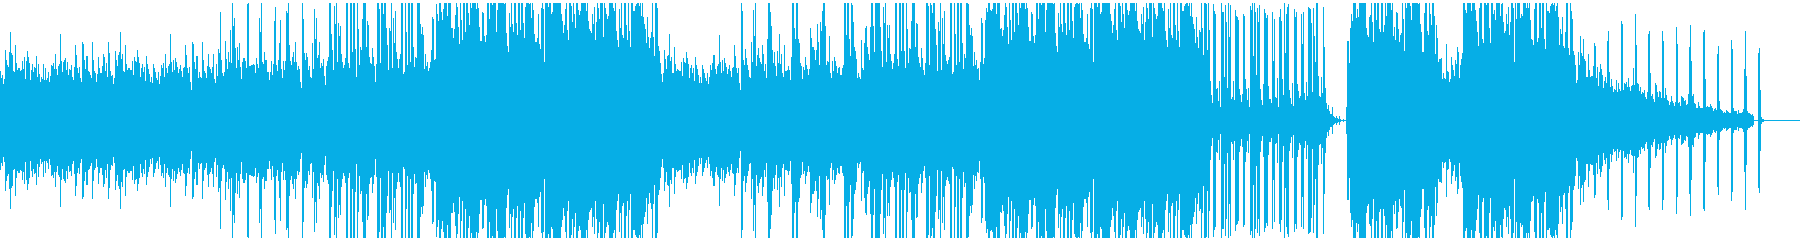 ピアノが切ないヒップホップ調BGMの再生済みの波形